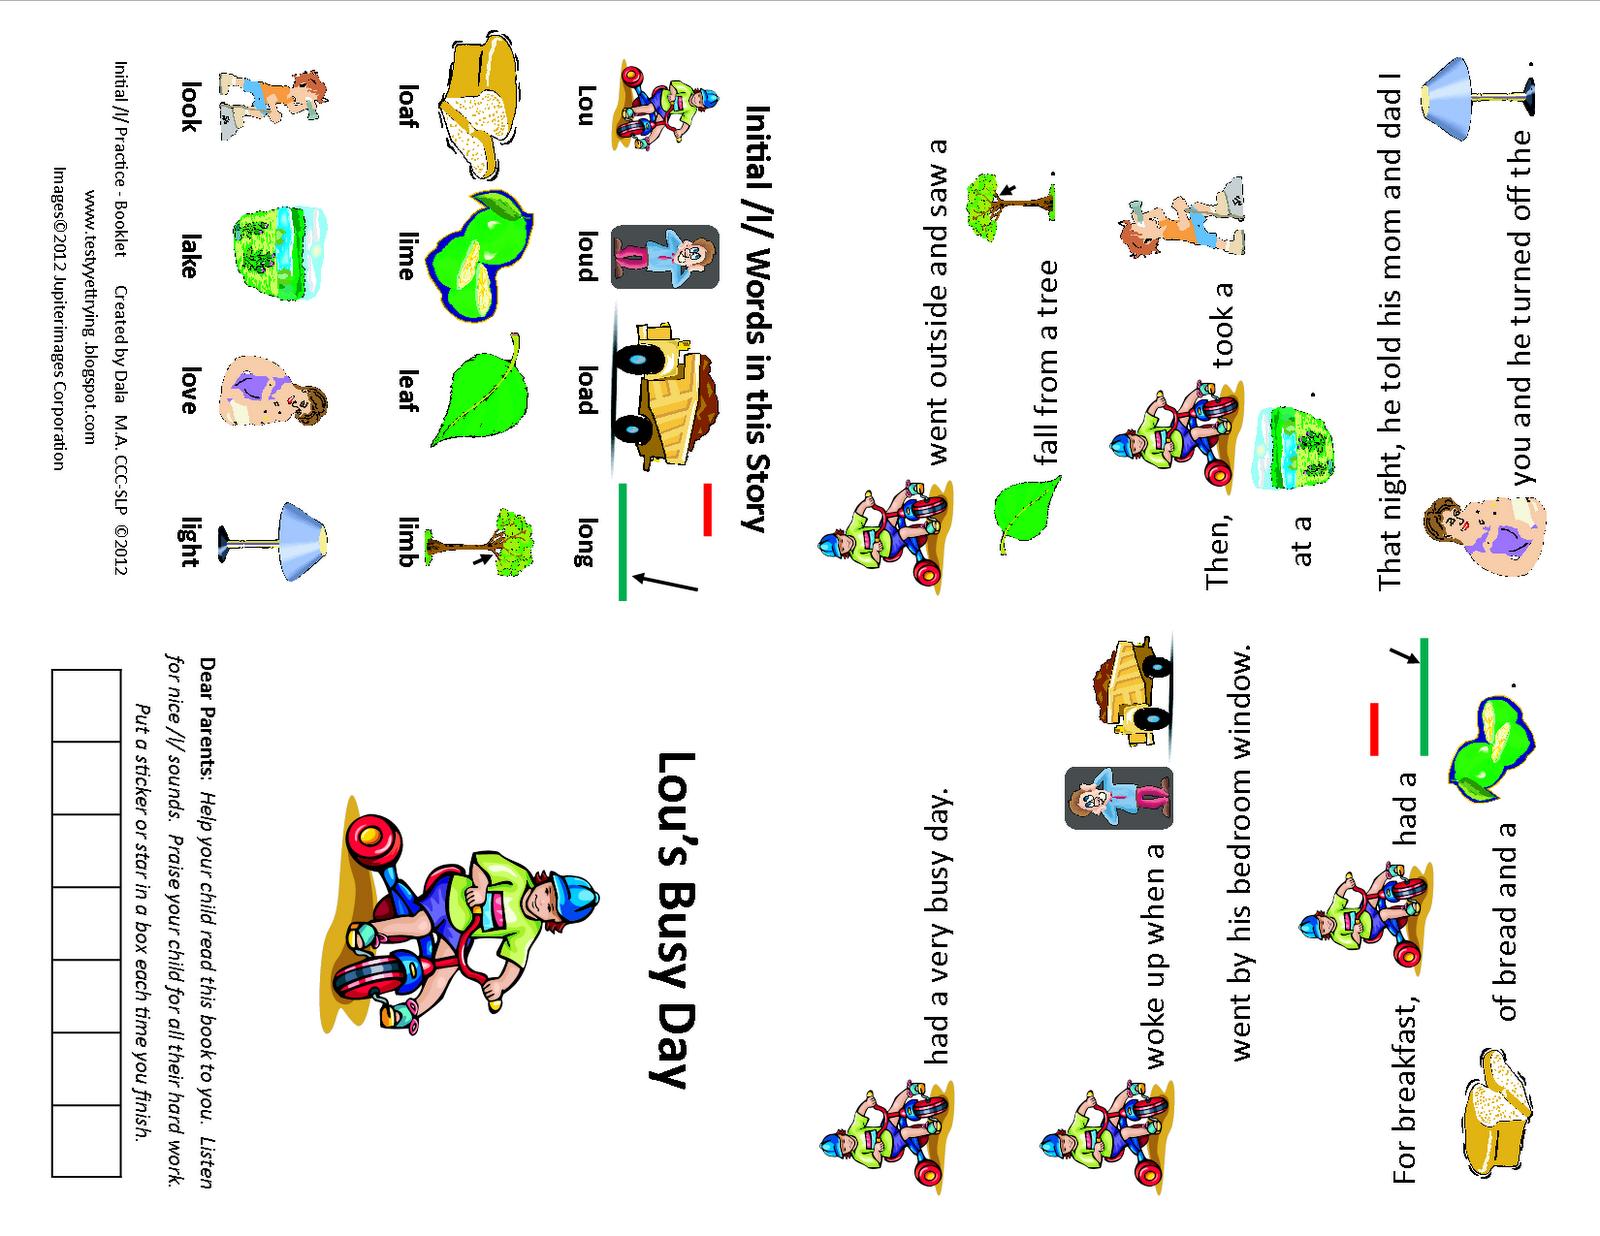 Worksheets Vocalic R Worksheets printable vocalic r worksheets the best music download sites worksheets